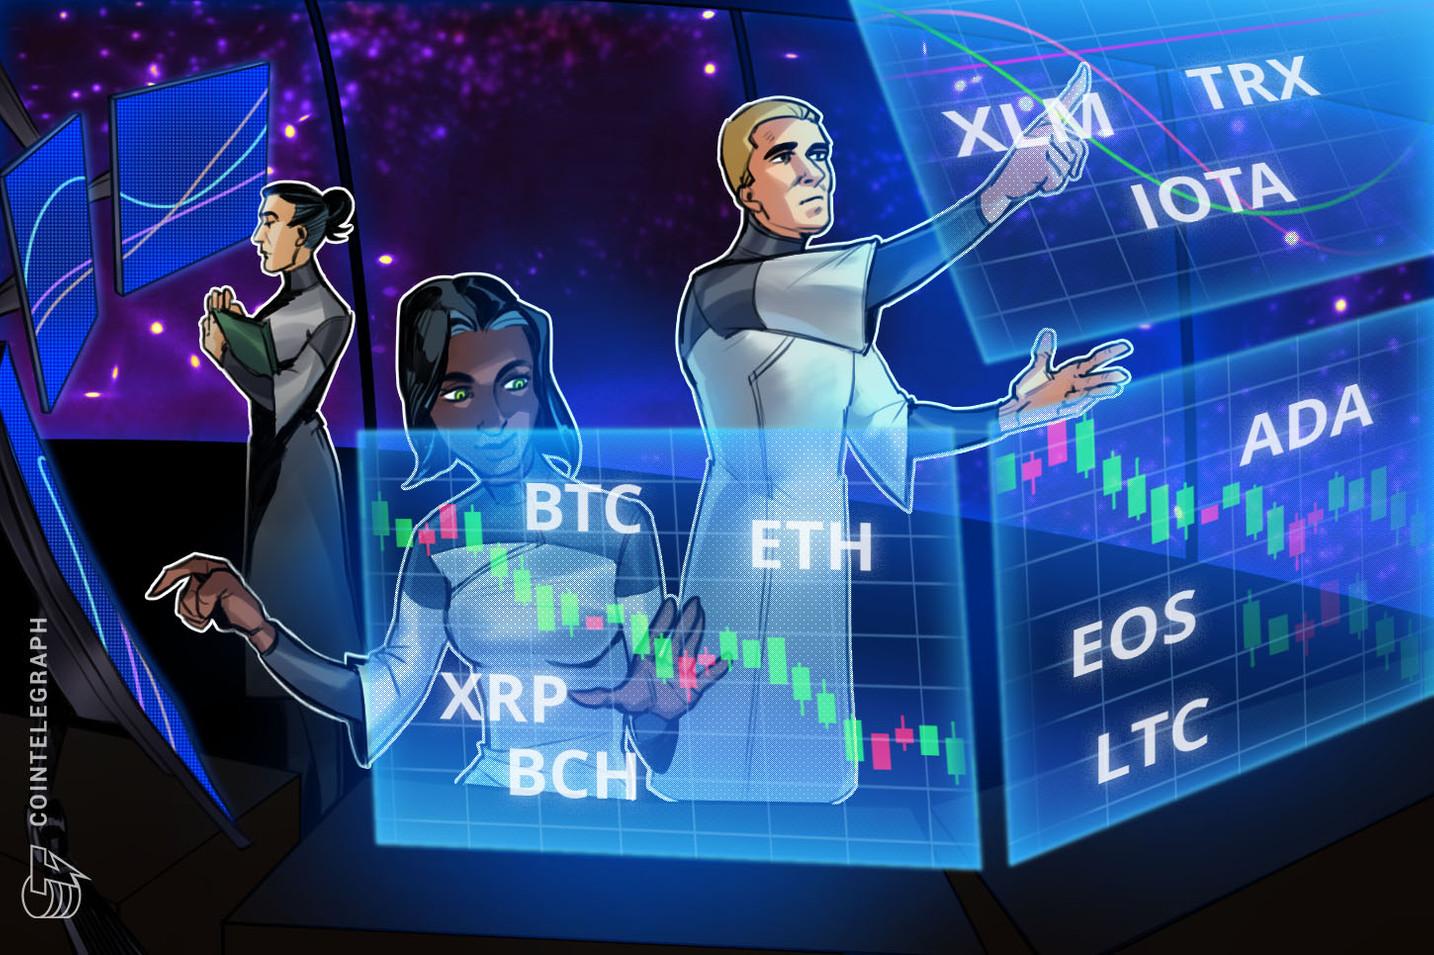 Análisis de precios, 30 de julio: Bitcoin, Ethereum, Ripple, Bitcoin Cash, EOS, Litecoin, Cardano, Stellar, IOTA, TRON